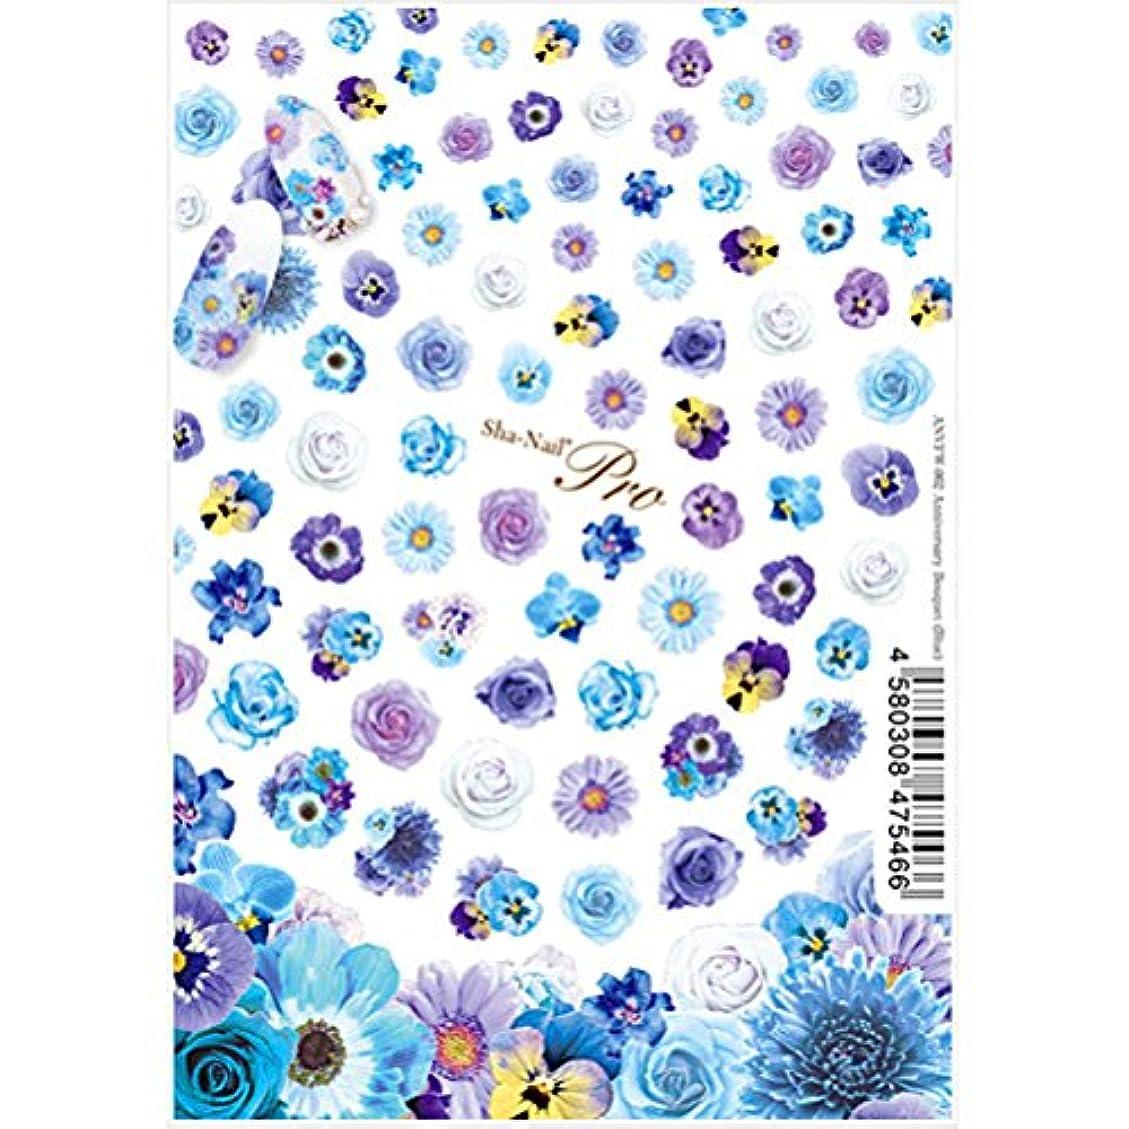 真鍮受け入れるマットSha-Nail Pro ネイルシール アニバーサリーブーケ(ブルー) アート材